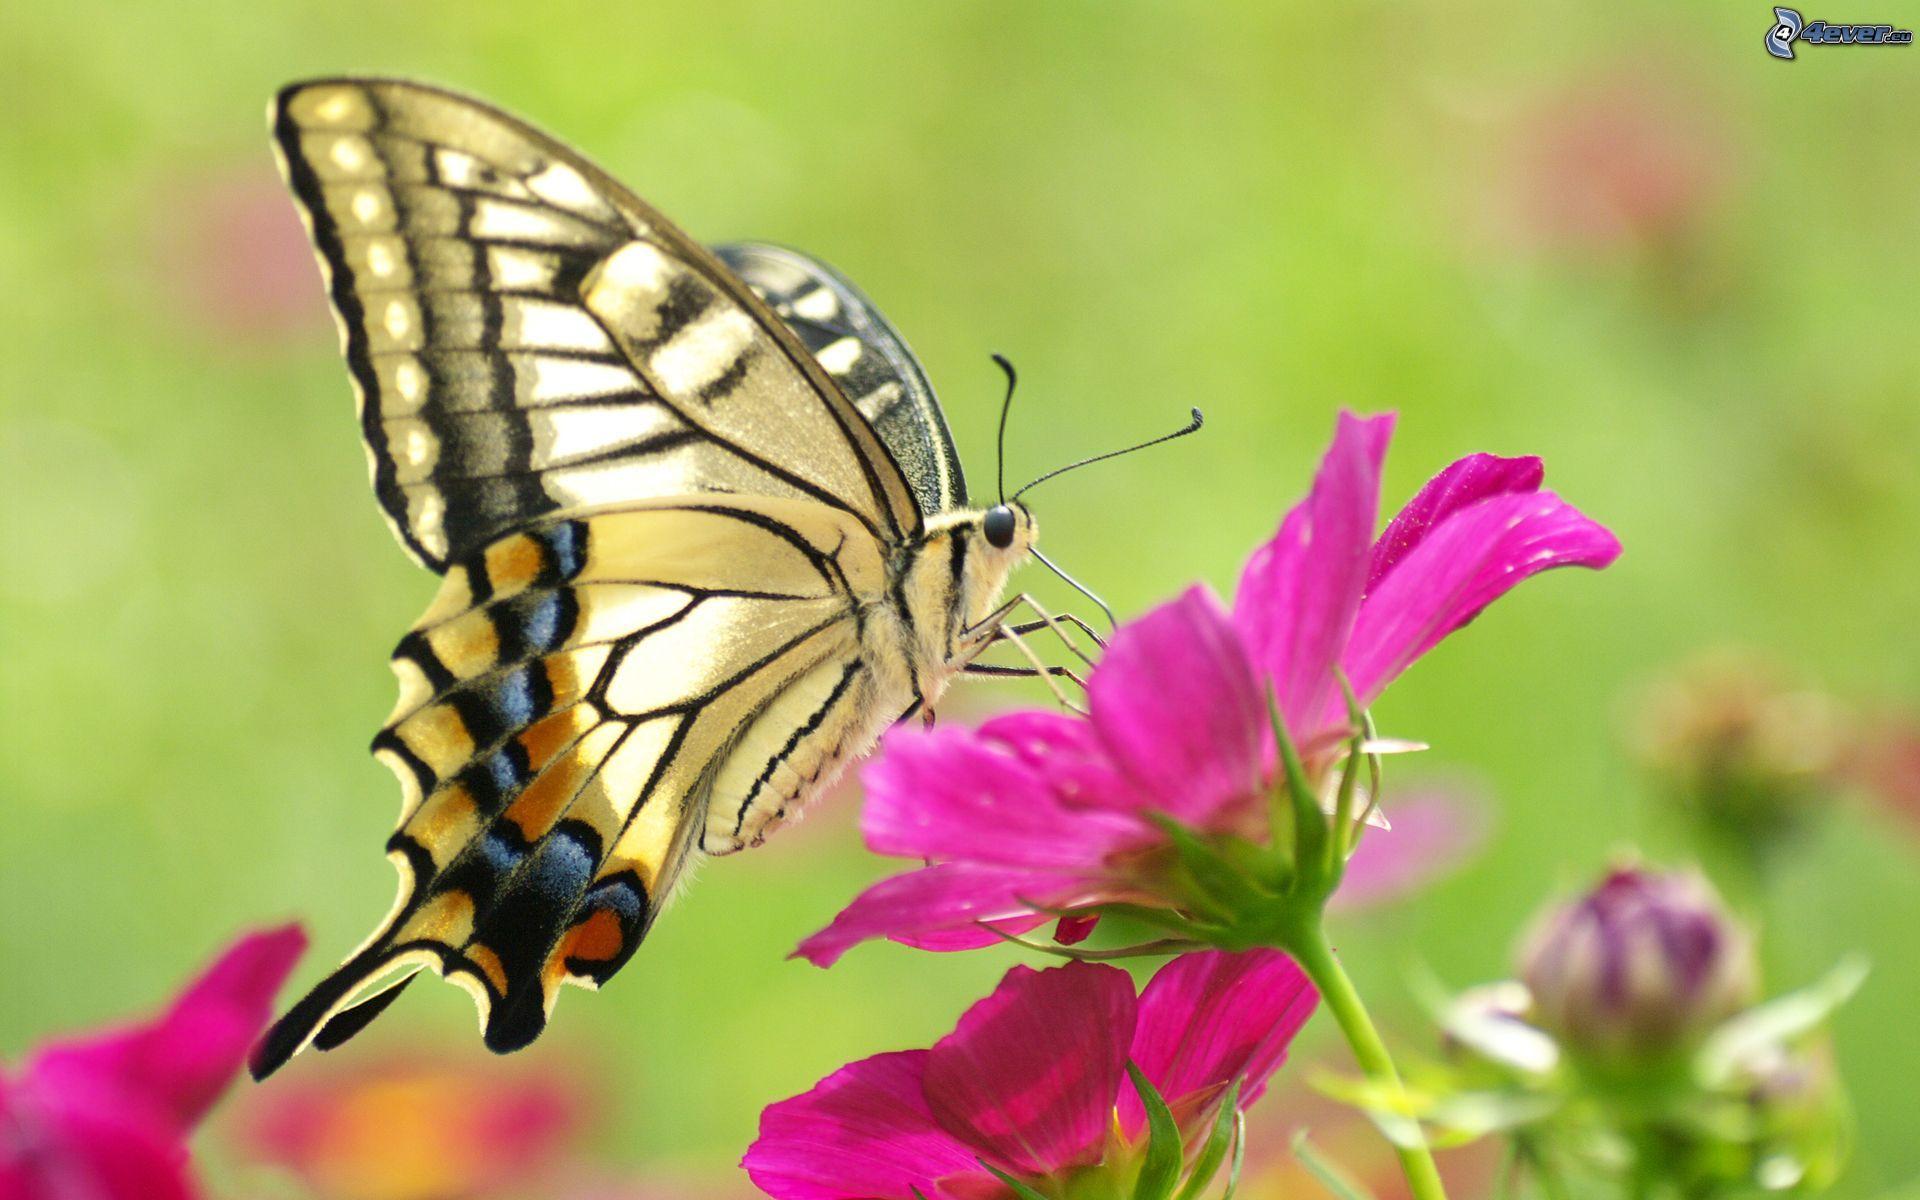 Schmetterling | Schmetterling Auf Der Blume (Mit Bildern ganzes Hintergrundbilder Blumen Und Schmetterlinge